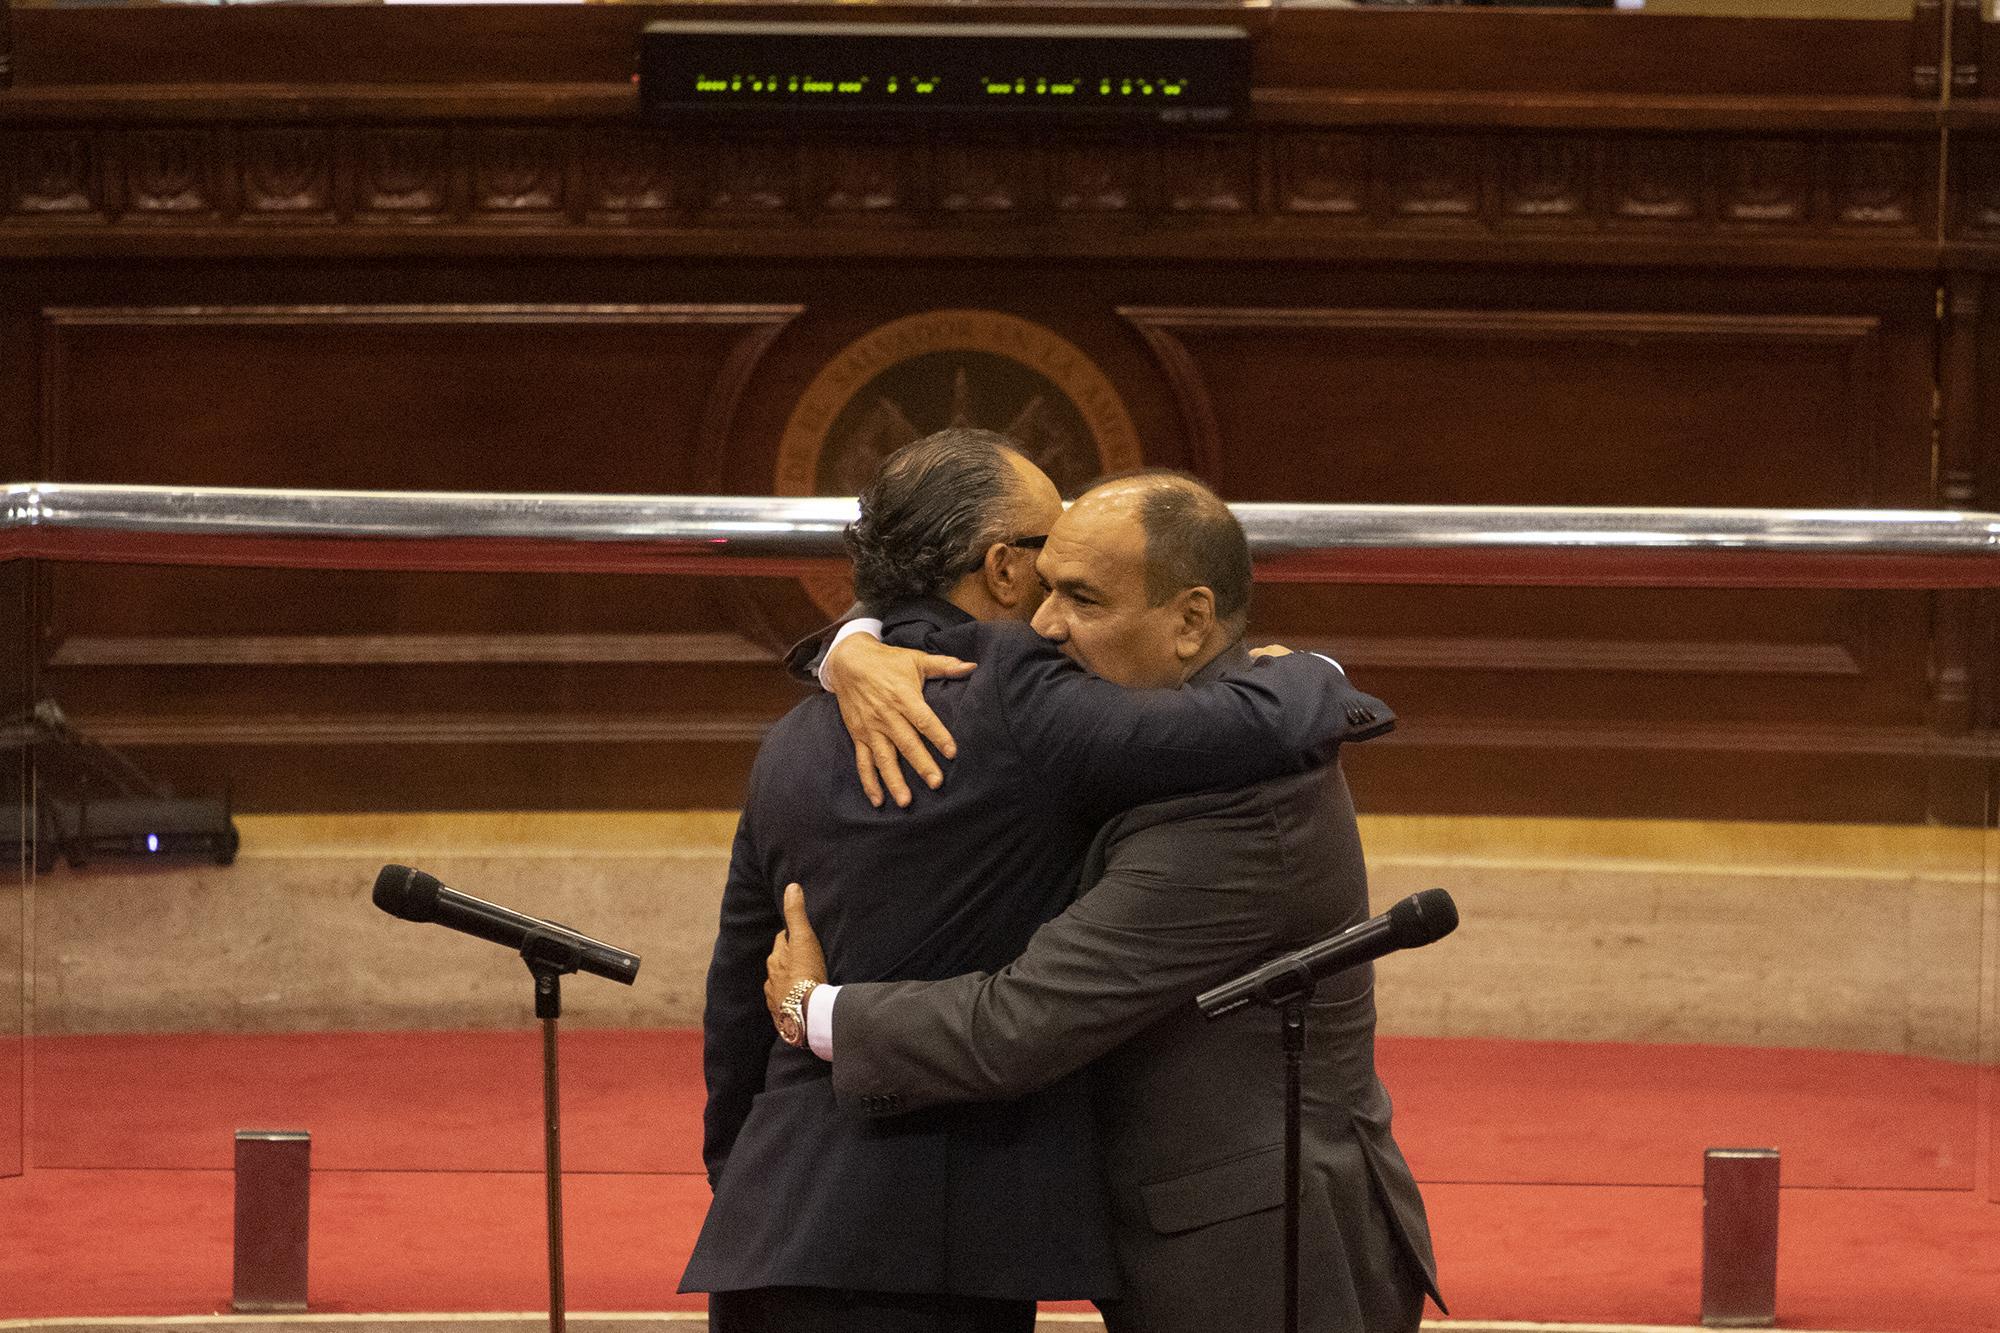 El presidente de la Asamblea Legislativa, Ernesto Castro, del partido Nuevas Ideas, se abraza con Óscar López Jeréz, magistrado de la CSJ del período 2015-2024 que el 1 de mayo de 2021 fue elegido presidente de la Corte Suprema de Justicia. Foto de El Faro: Carlos Barrera